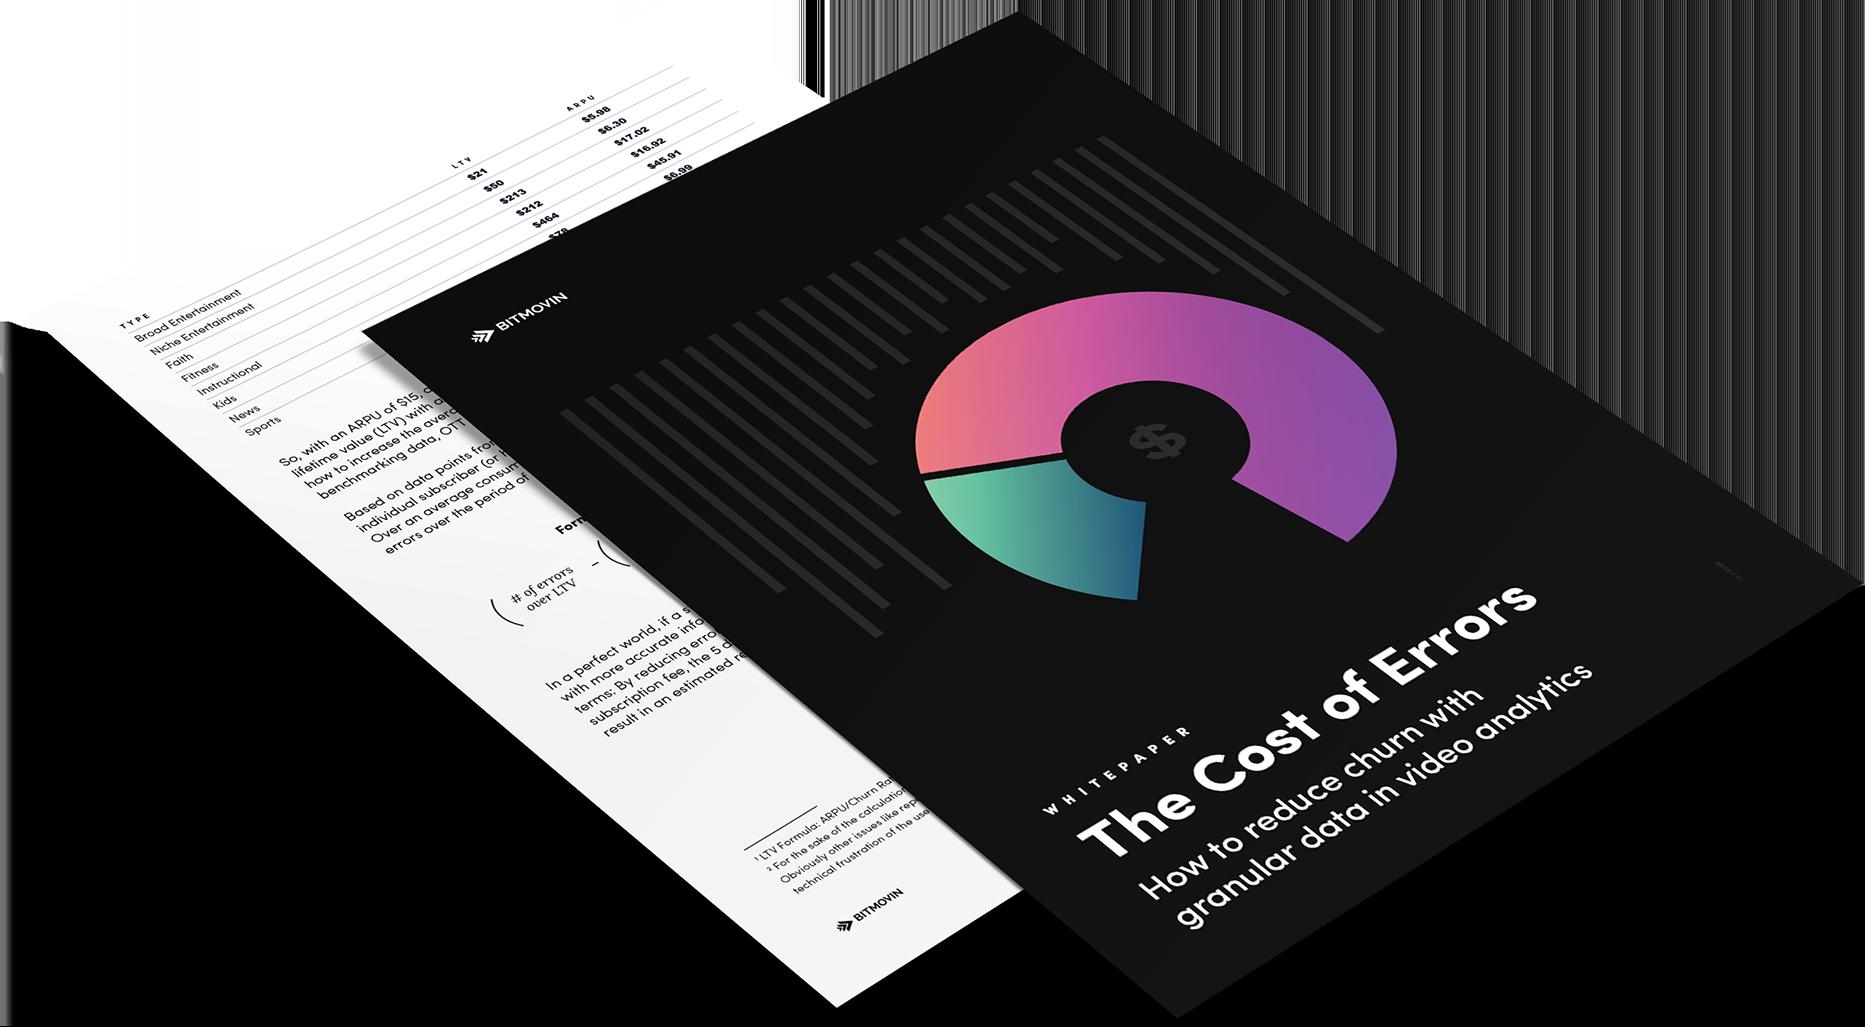 Bitmovin Cost of Errors Whitepaper